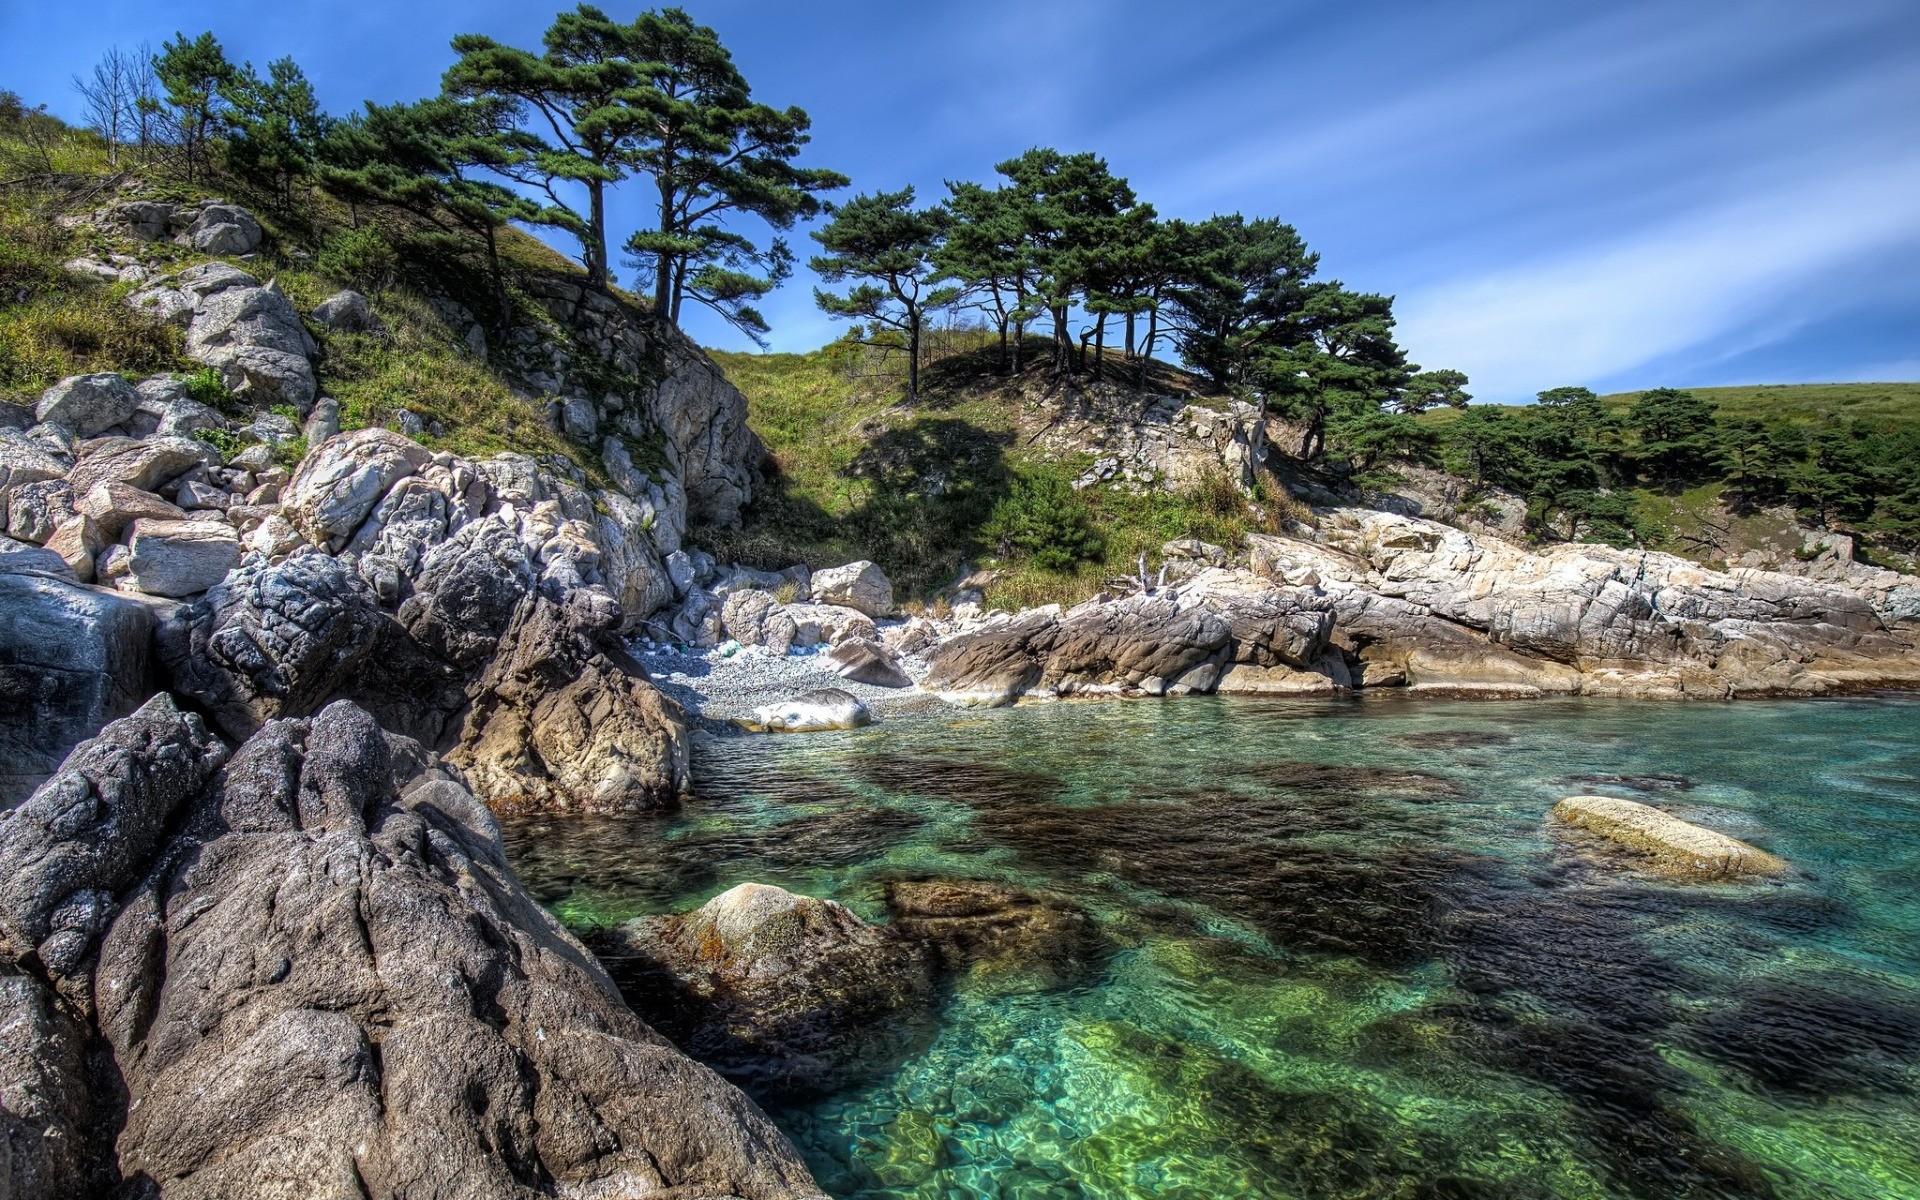 Res: 1920x1200, coast, Mediterranean Sea, Greece, shore, summer